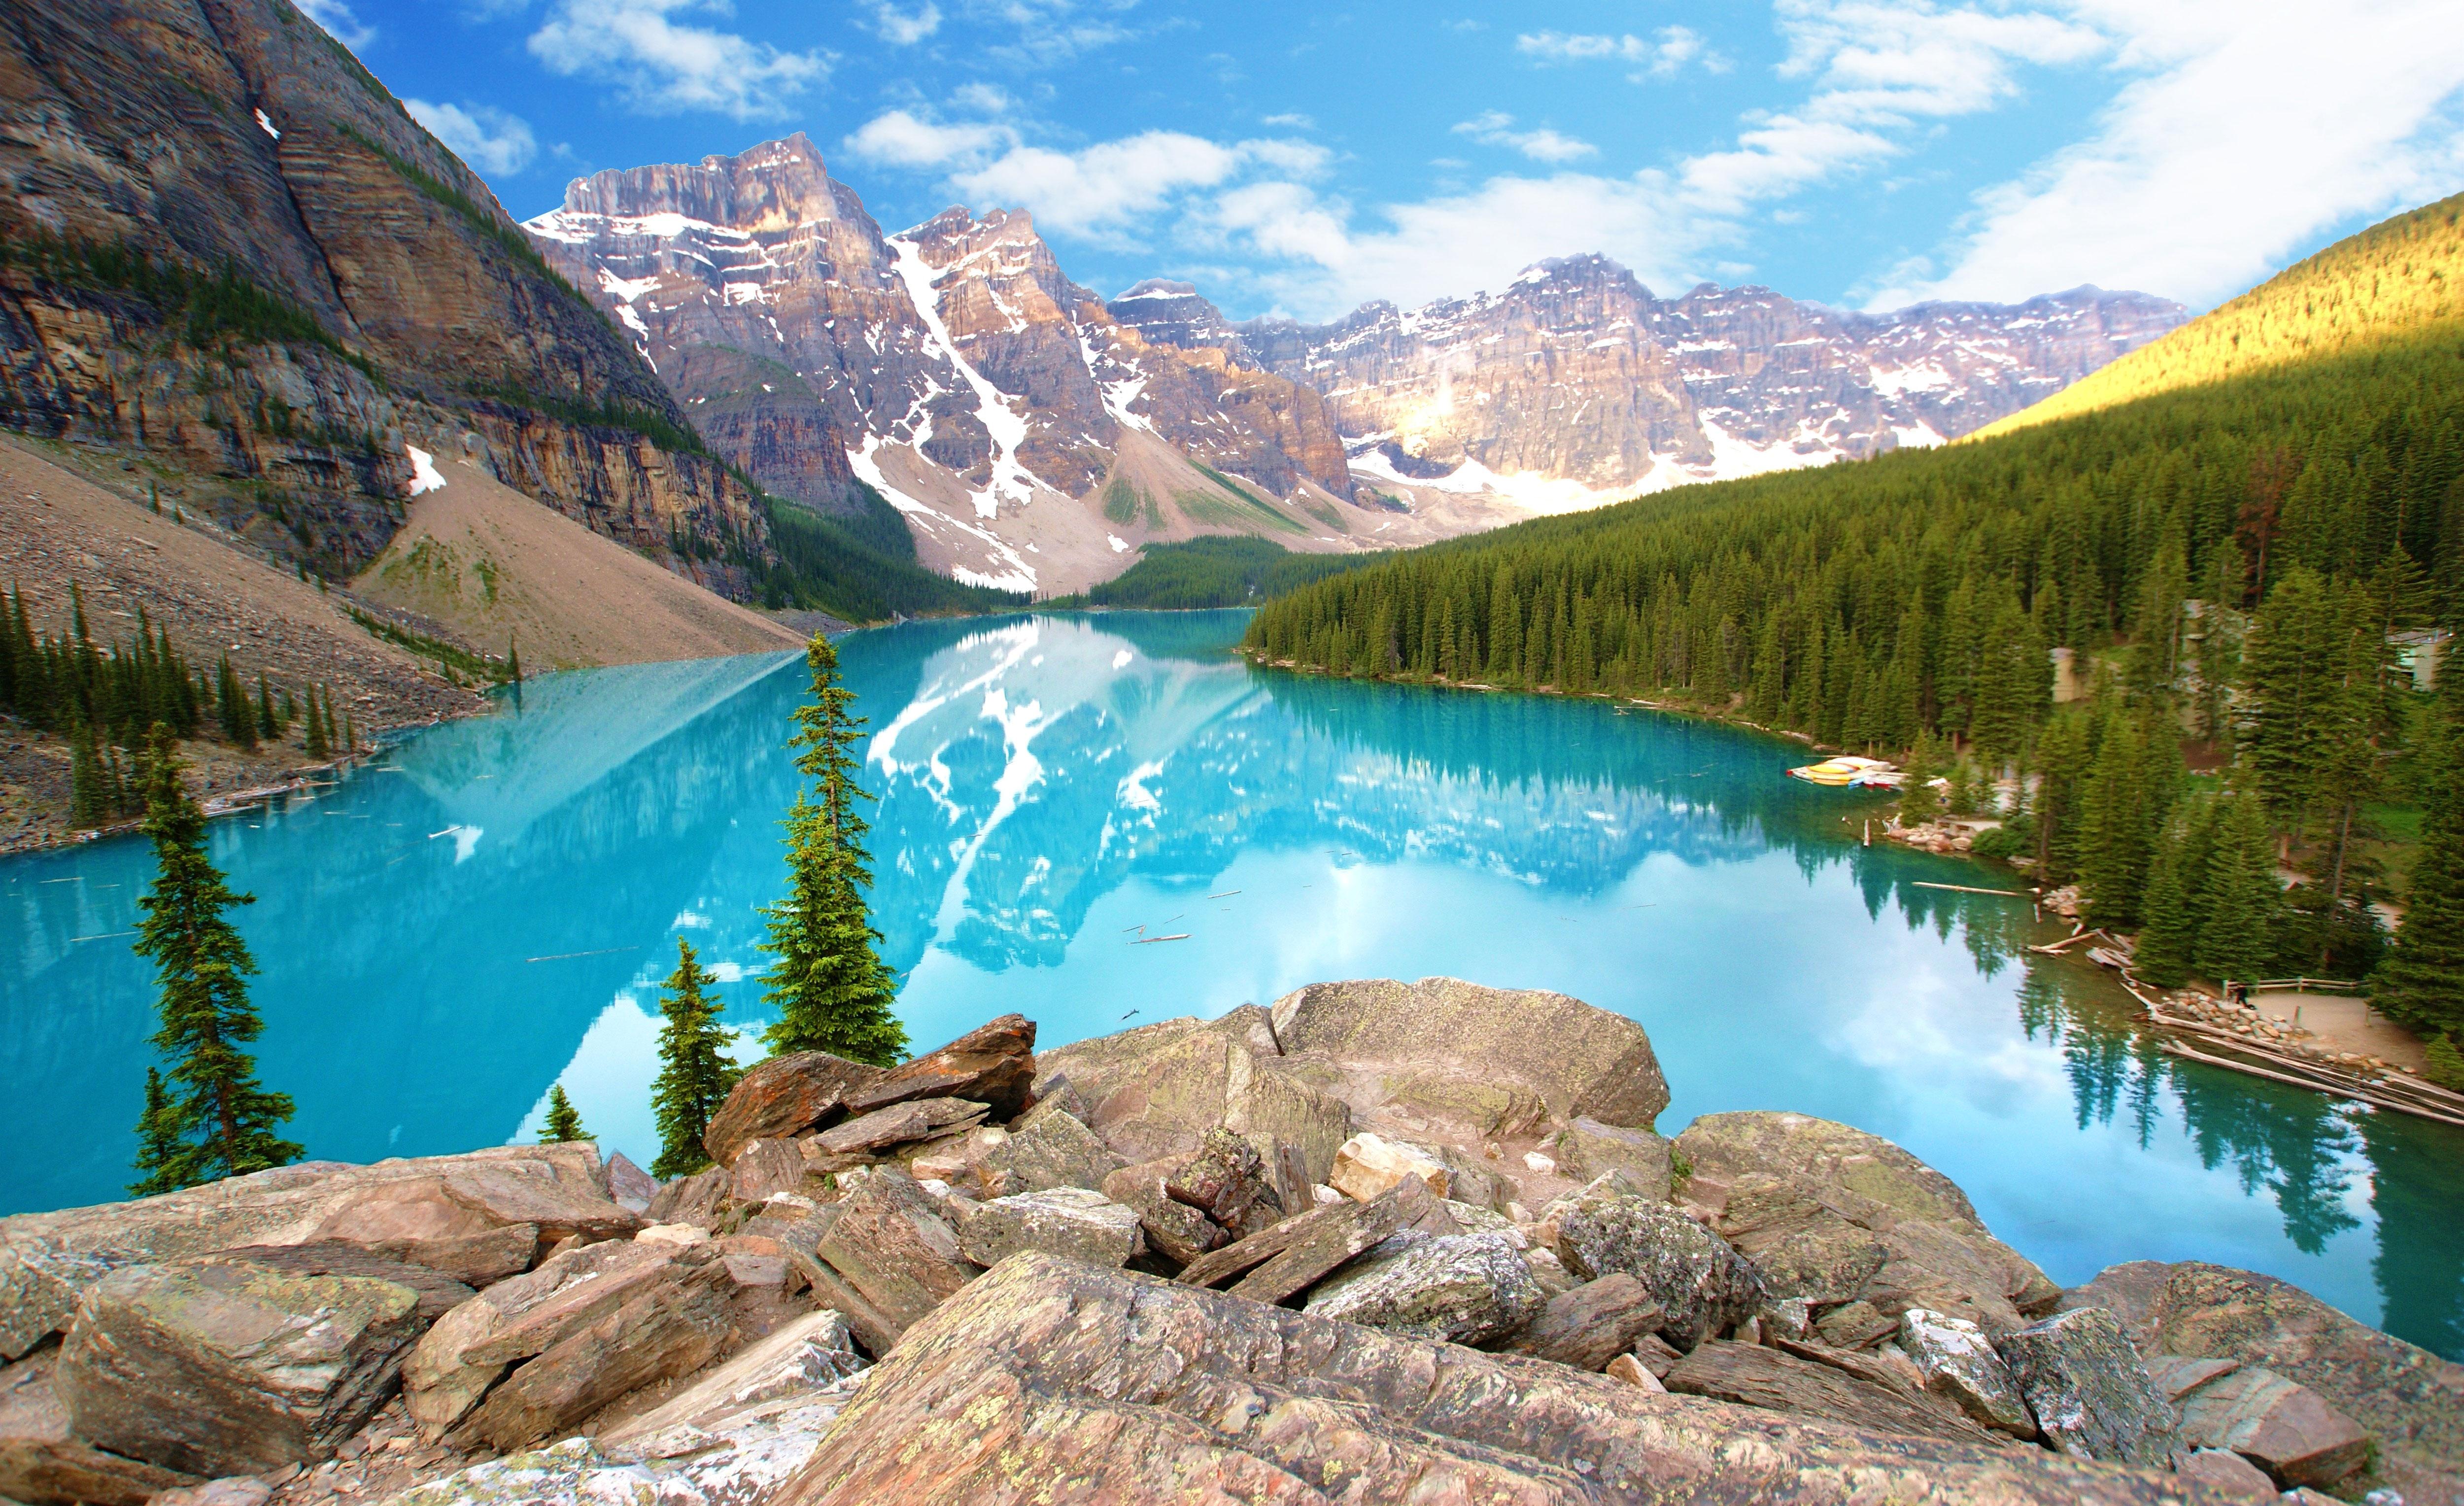 https://assets.eberhardt-travel.de/2018/Kanada/63600_Rocky_Mountains_Original.jpg